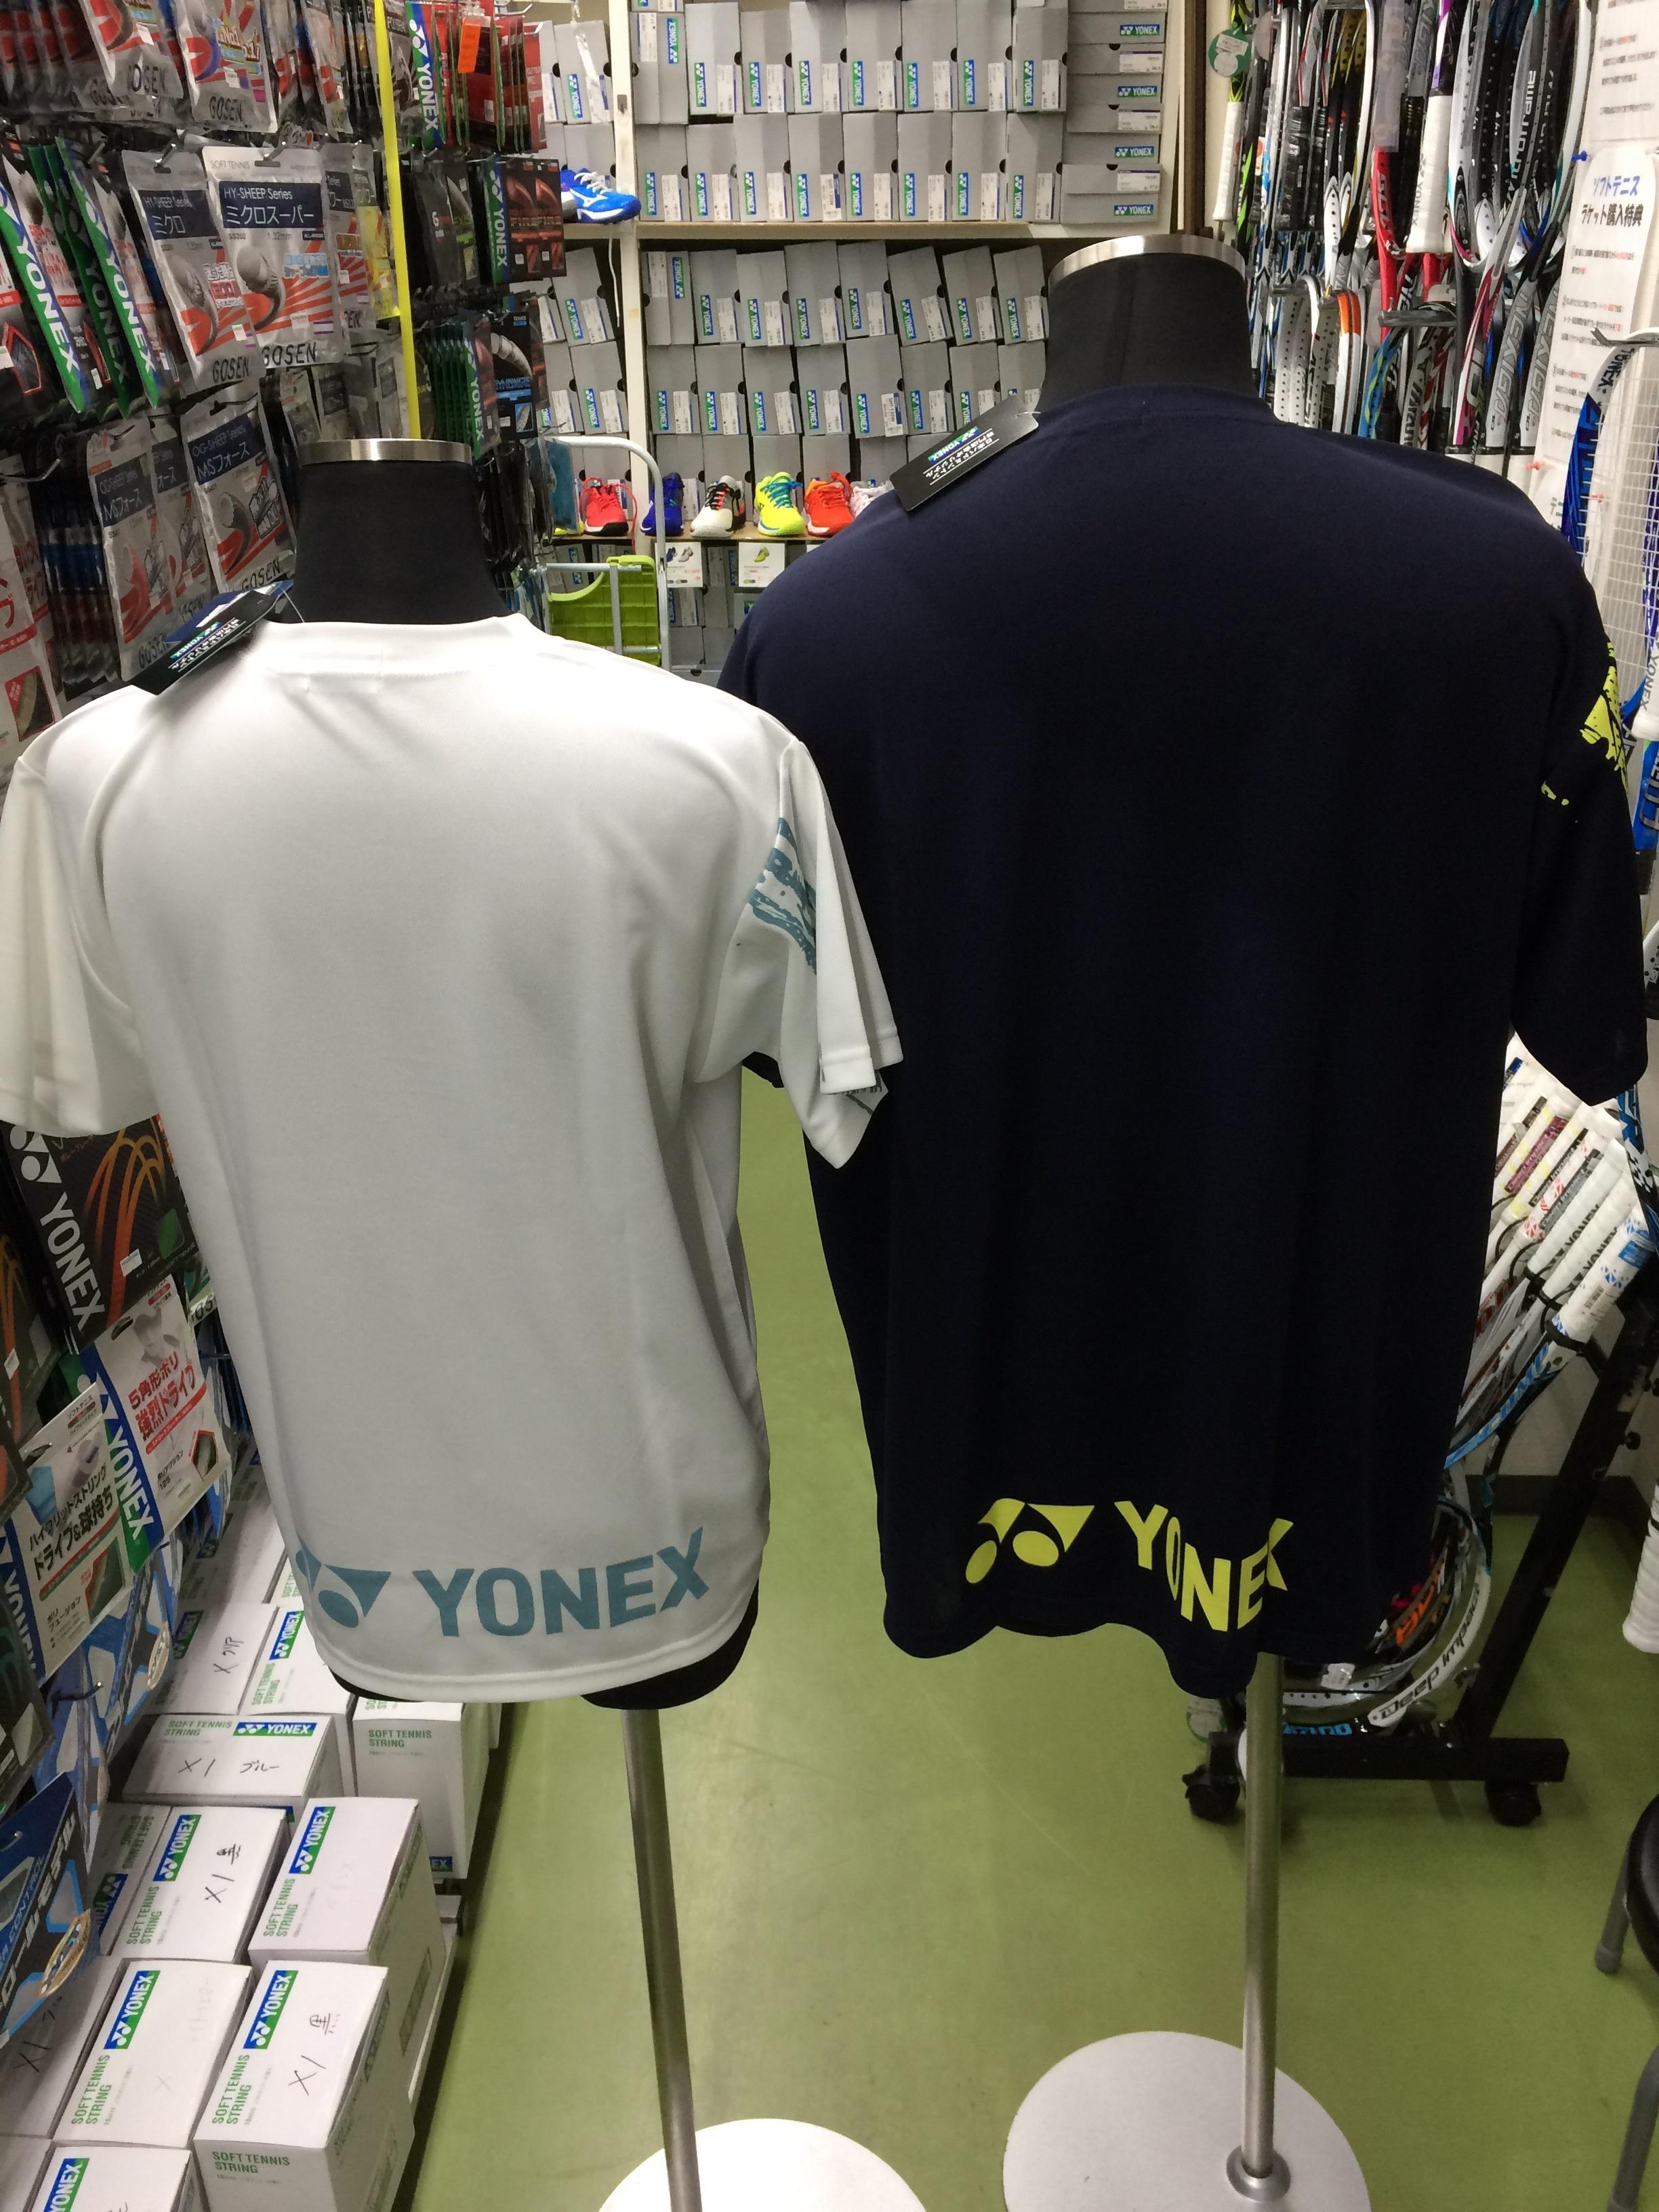 ヨネックス ユニドライTシャツ YOB17011 - 画像5